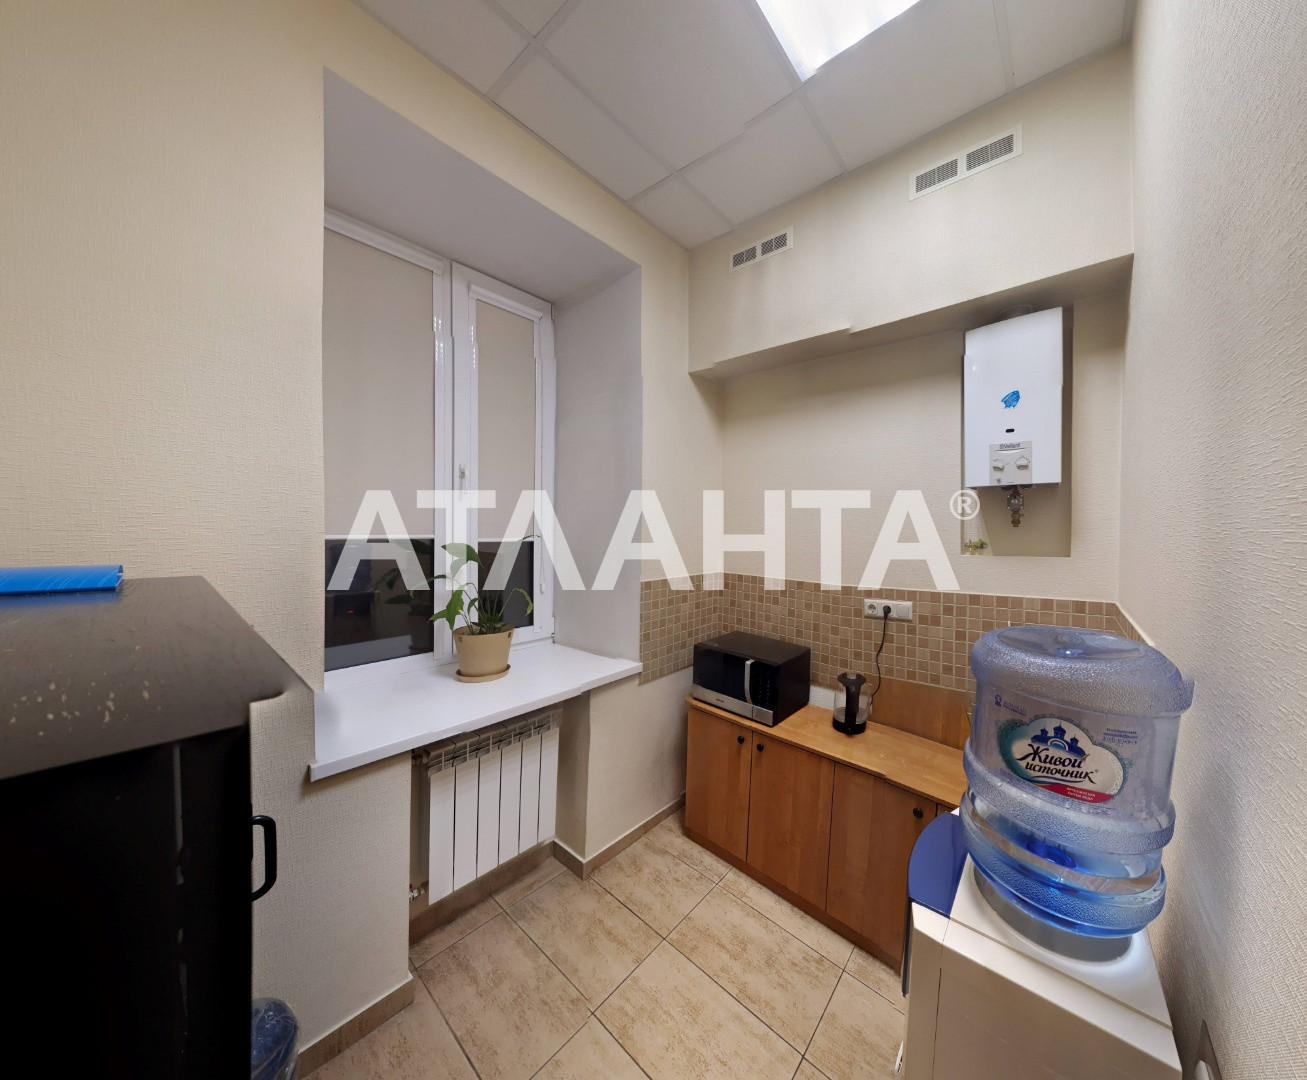 Продается 2-комнатная Квартира на ул. Просп. Голосеевский — 80 000 у.е. (фото №4)